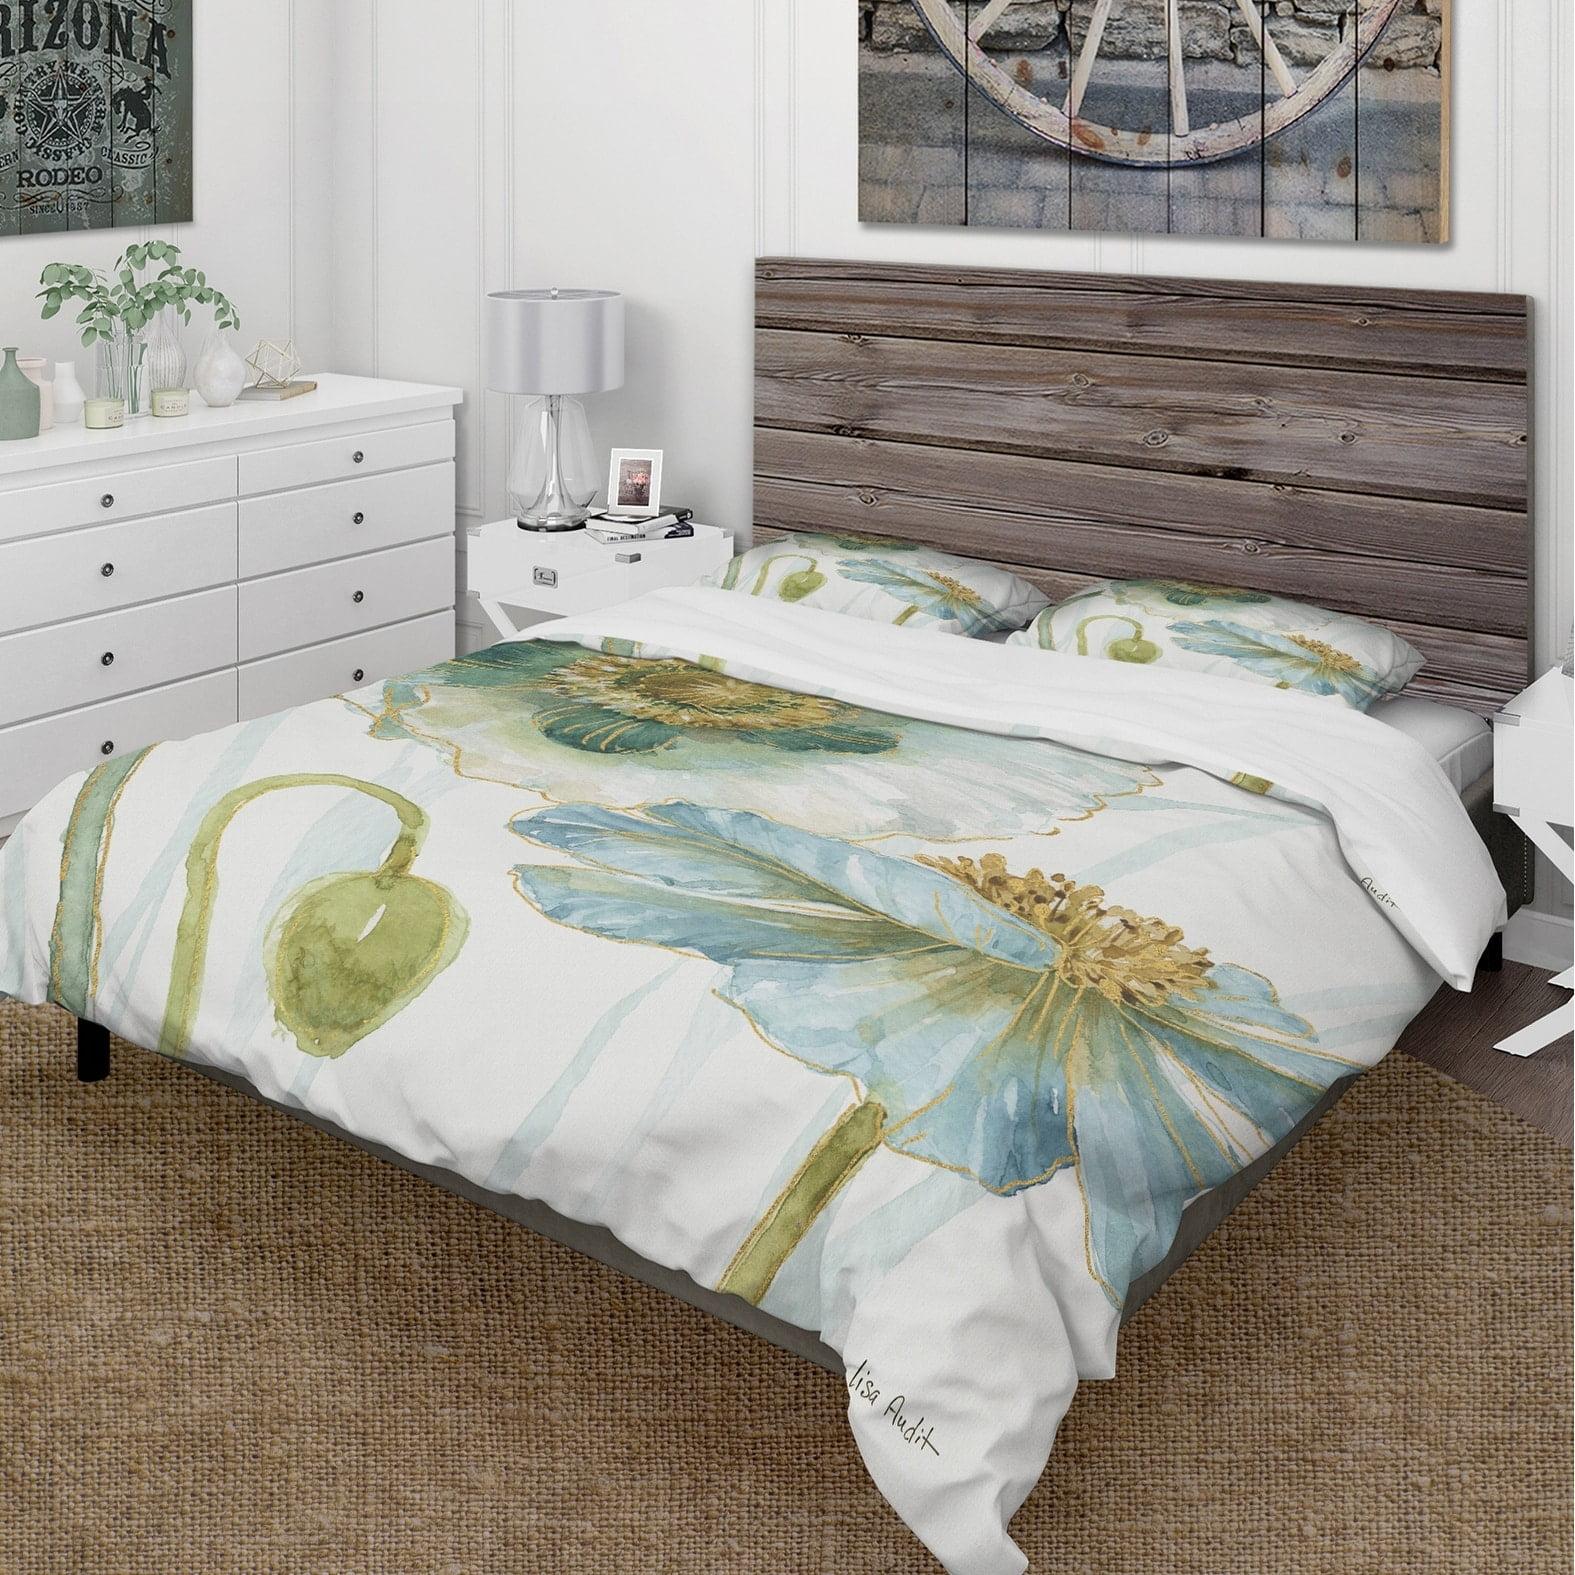 DESIGN ART Designart 'My Greenhouse Cottage Flowers II' Cottage Bedding Set - Duvet Cover & Shams